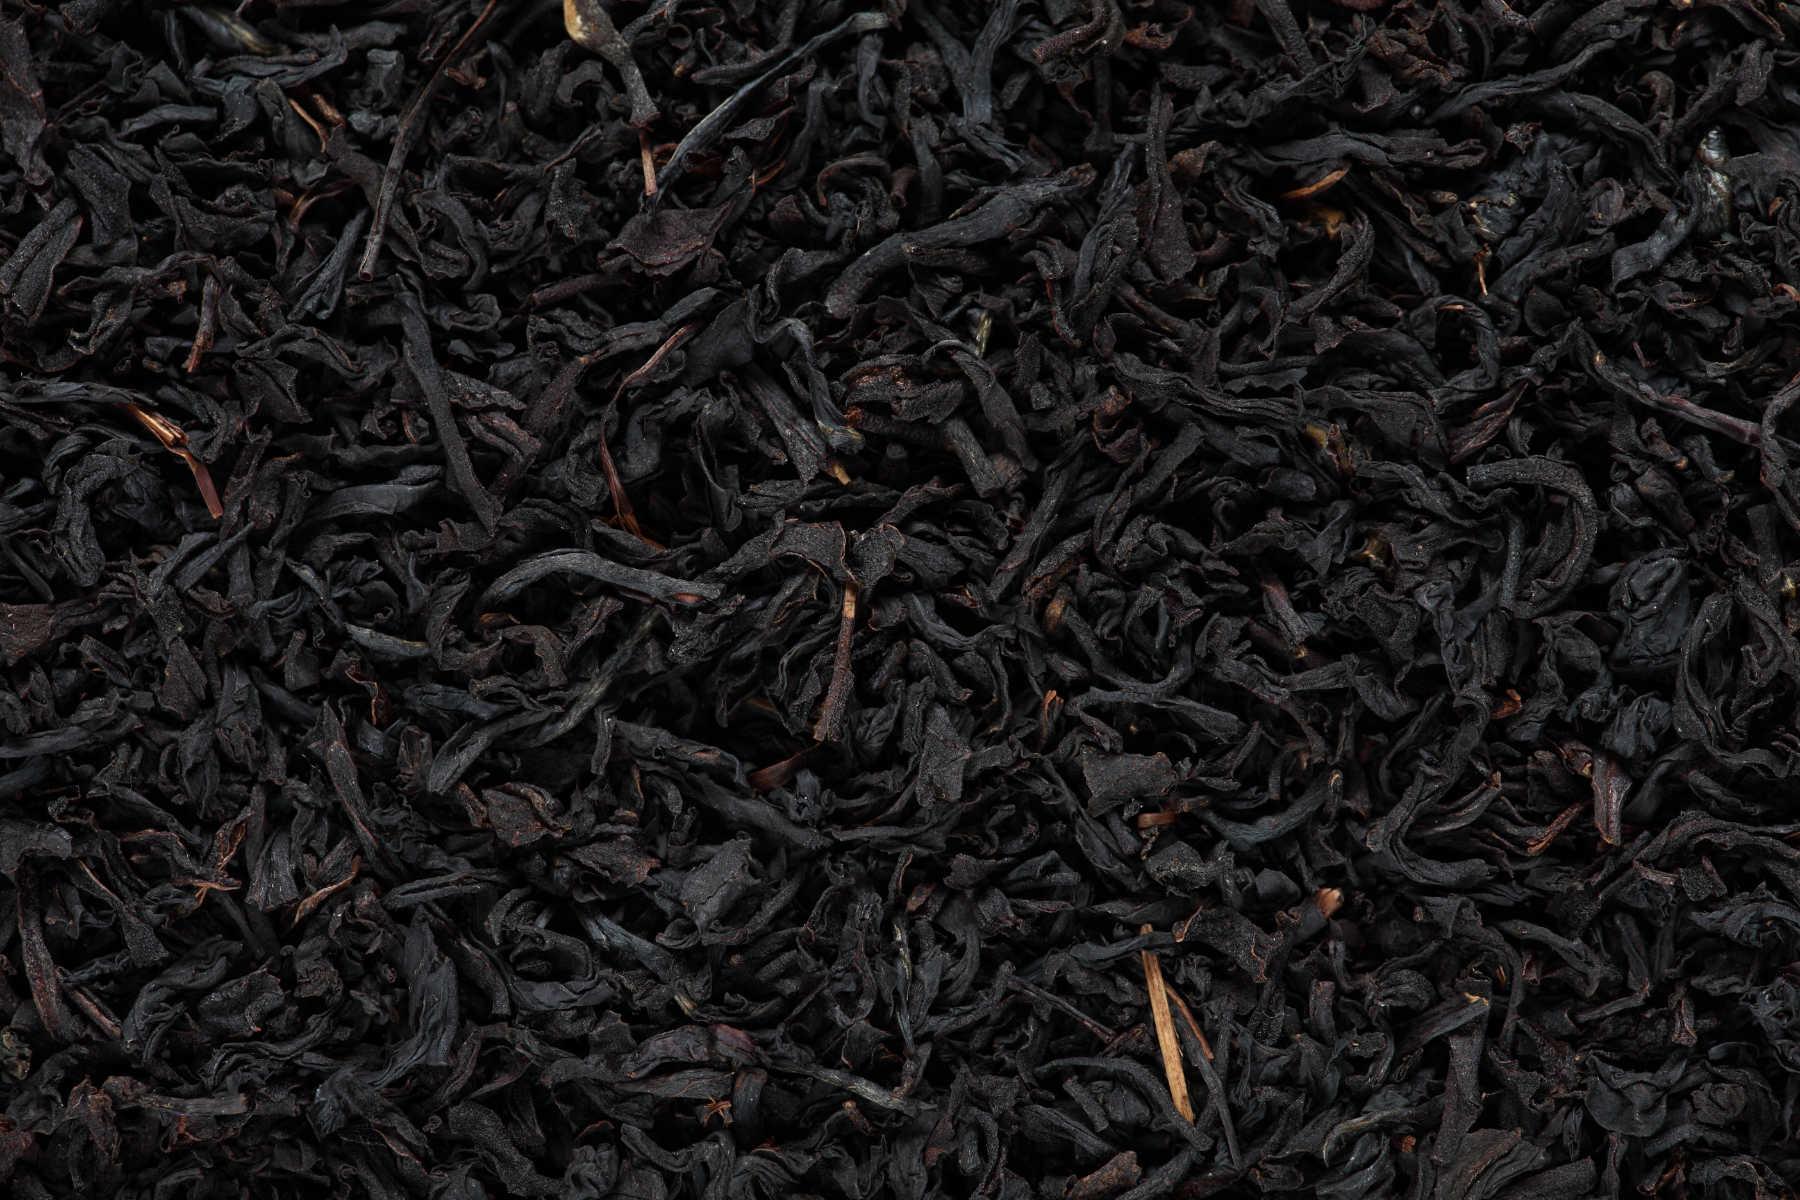 Les vertus du thé noir pour la santé